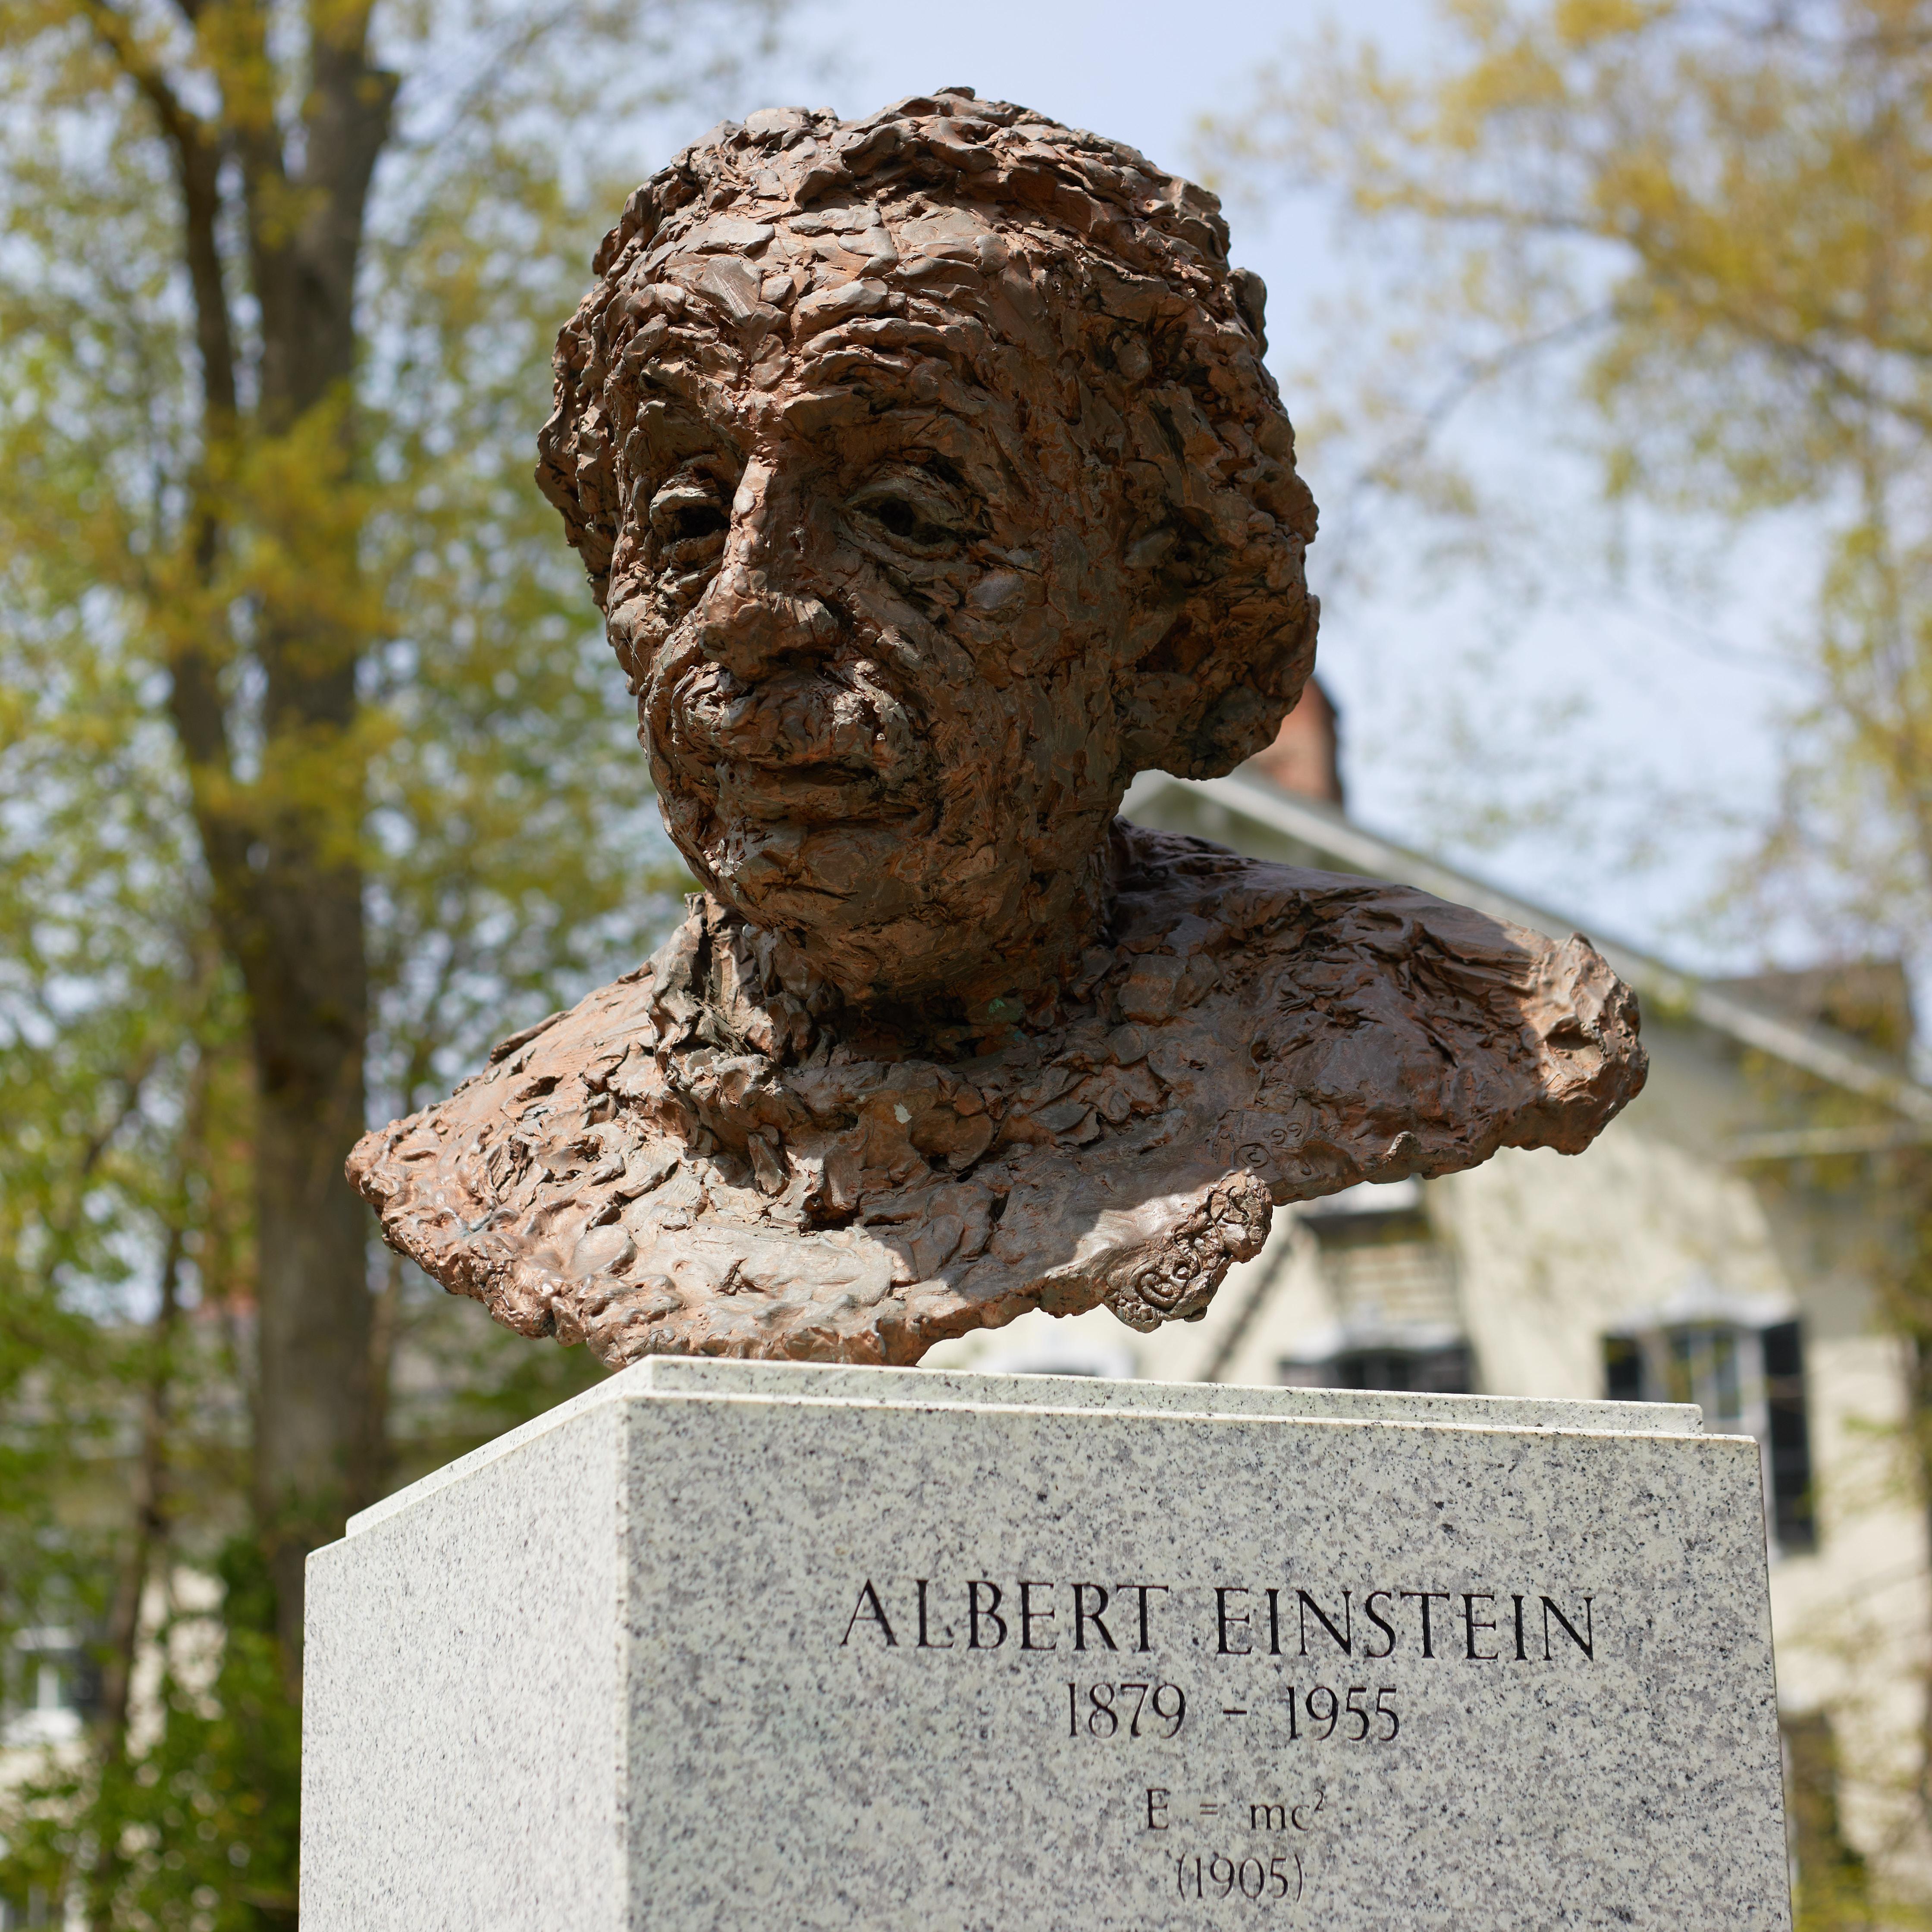 Bust of Albert Einstein on pedestal.